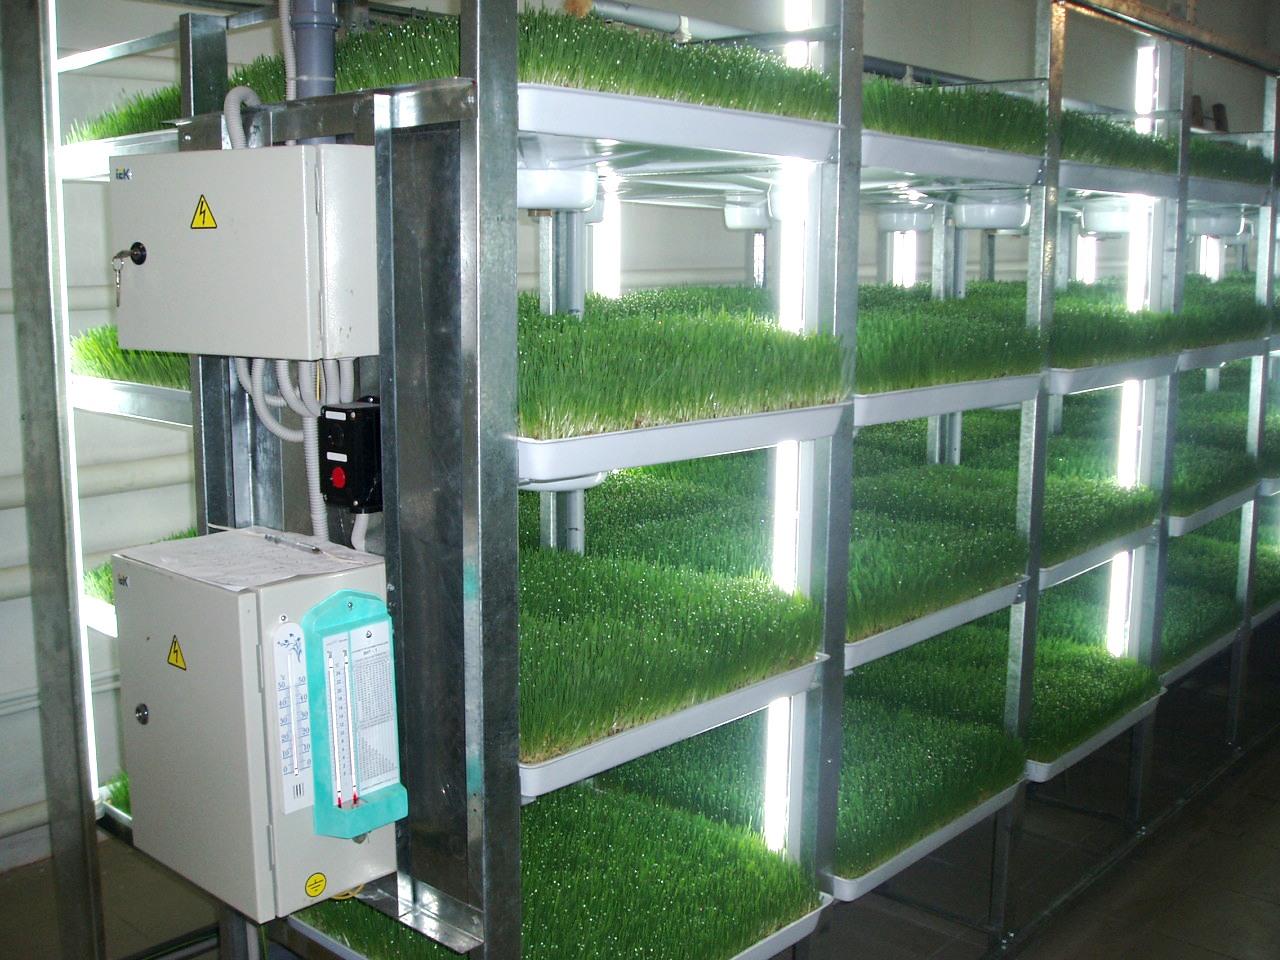 Гидропонная установка для выращивания зелени дома: сборка и 38